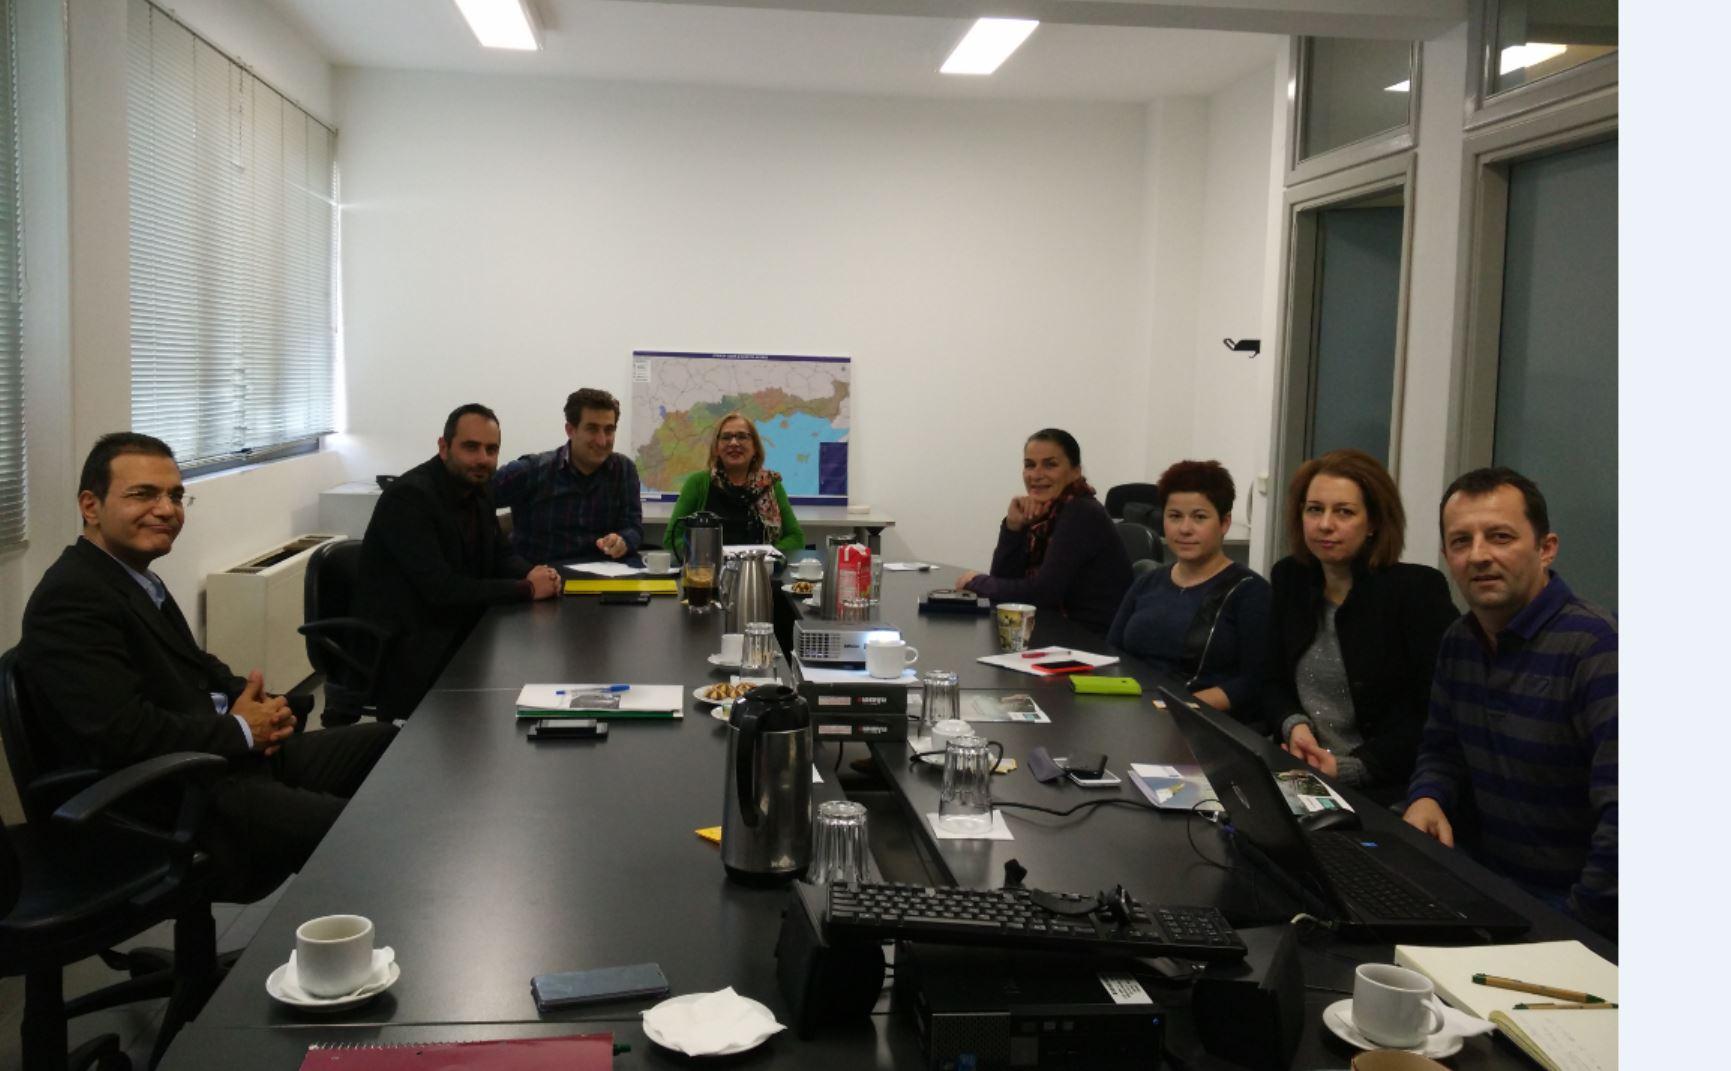 Συνάντηση για το Έργο «Γεωπύλη Πολιτισμικής Εγνατίας – Υπηρεσίες Προώθησης του Πολιτισμού και Τουρισμού των Περιφερειών που διασχίζει η Εγνατία οδός»